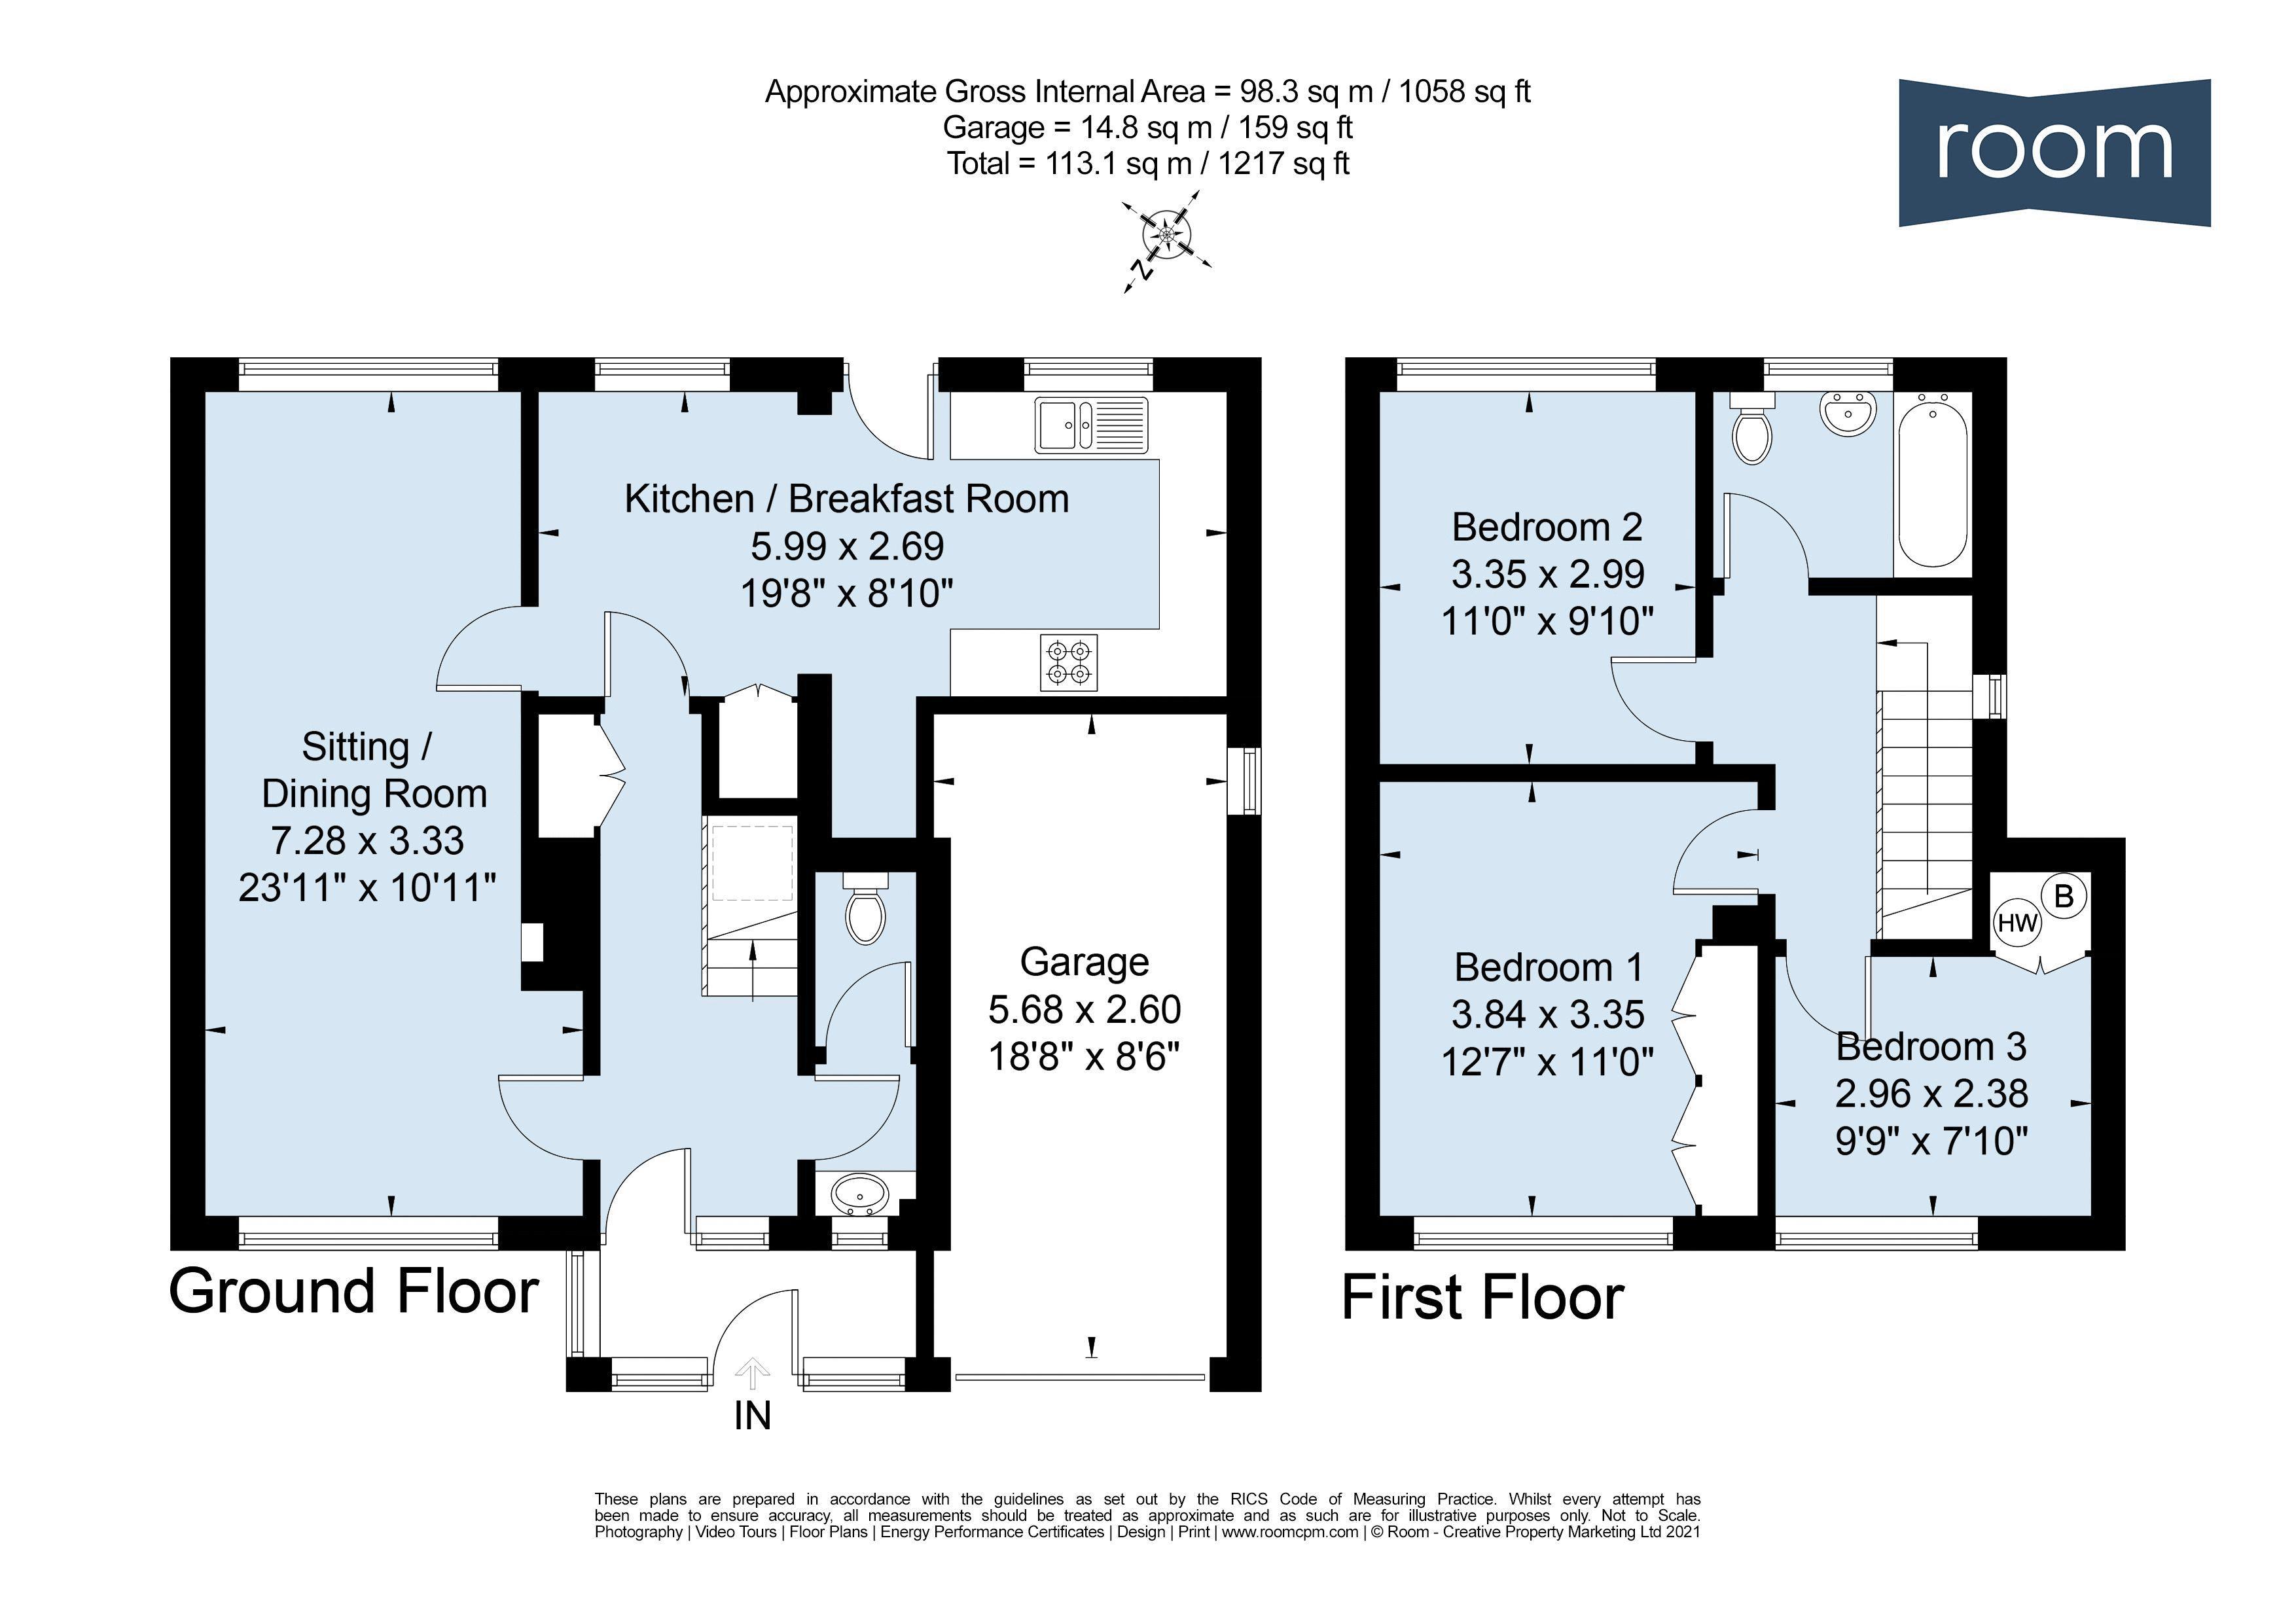 151SR - Floorplan